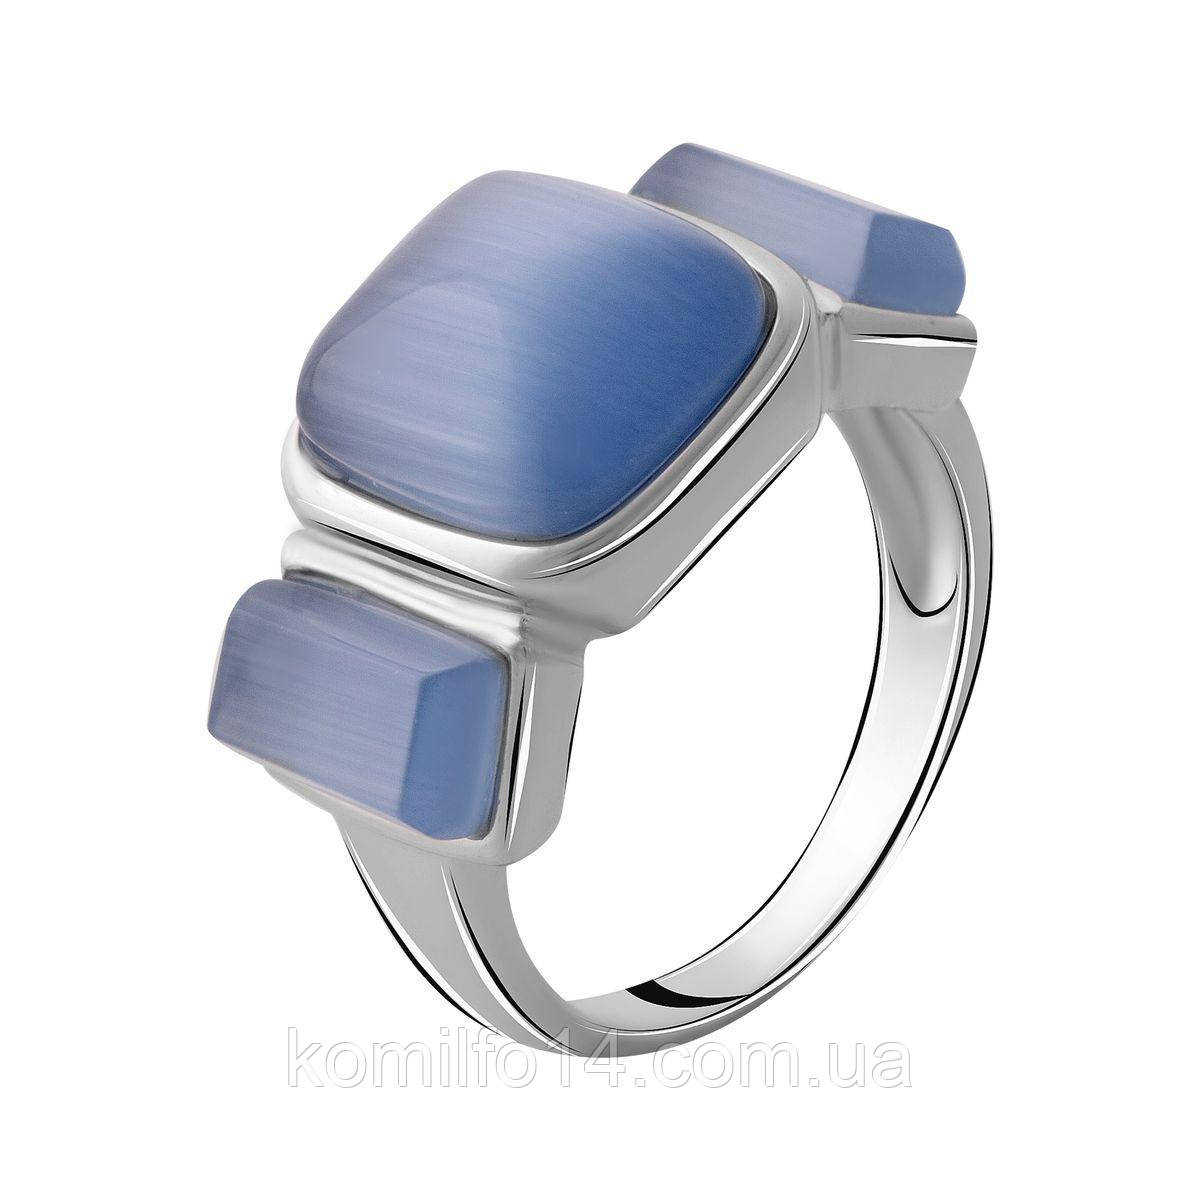 Серебряное кольцо с натуральным кошачьим глазом